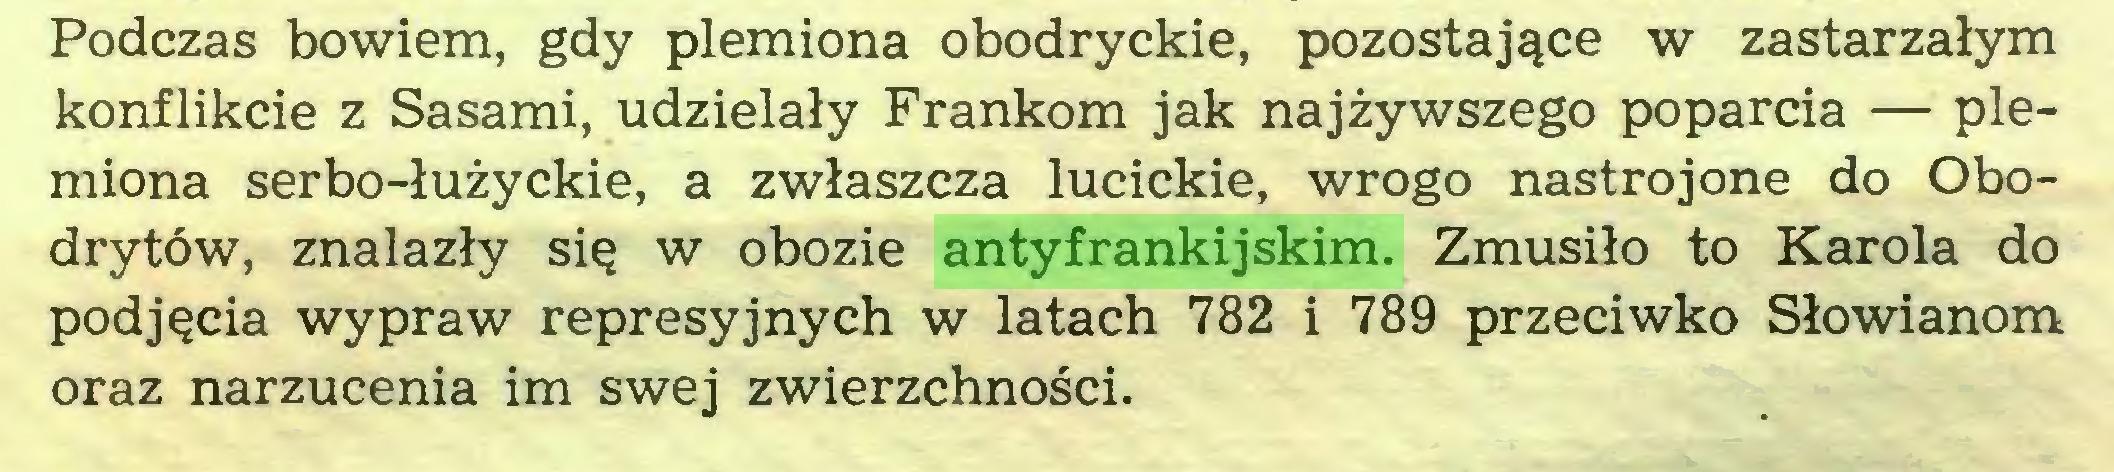 (...) Podczas bowiem, gdy plemiona obodryckie, pozostające w zastarzałym konflikcie z Sasami, udzielały Frankom jak najżywszego poparcia — plemiona serbo-łużyckie, a zwłaszcza lucickie, wrogo nastrojone do Obodrytów, znalazły się w obozie antyfrankijskim. Zmusiło to Karola do podjęcia wypraw represyjnych w latach 782 i 789 przeciwko Słowianom oraz narzucenia im swej zwierzchności...